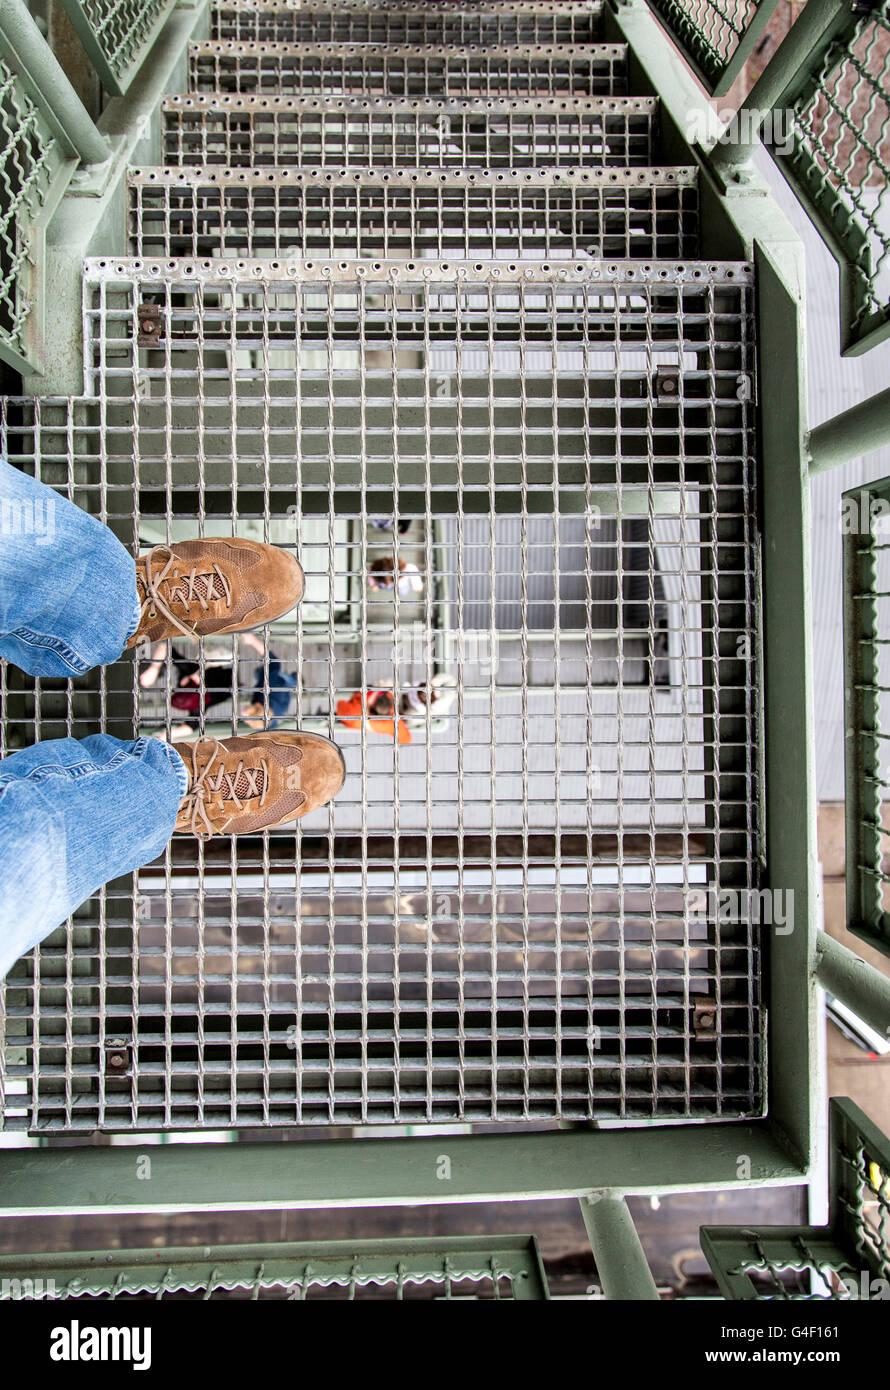 Photo symbole sur acrophobia, personne se dresse sur la grille métallique d'un escalier, à la recherche Photo Stock